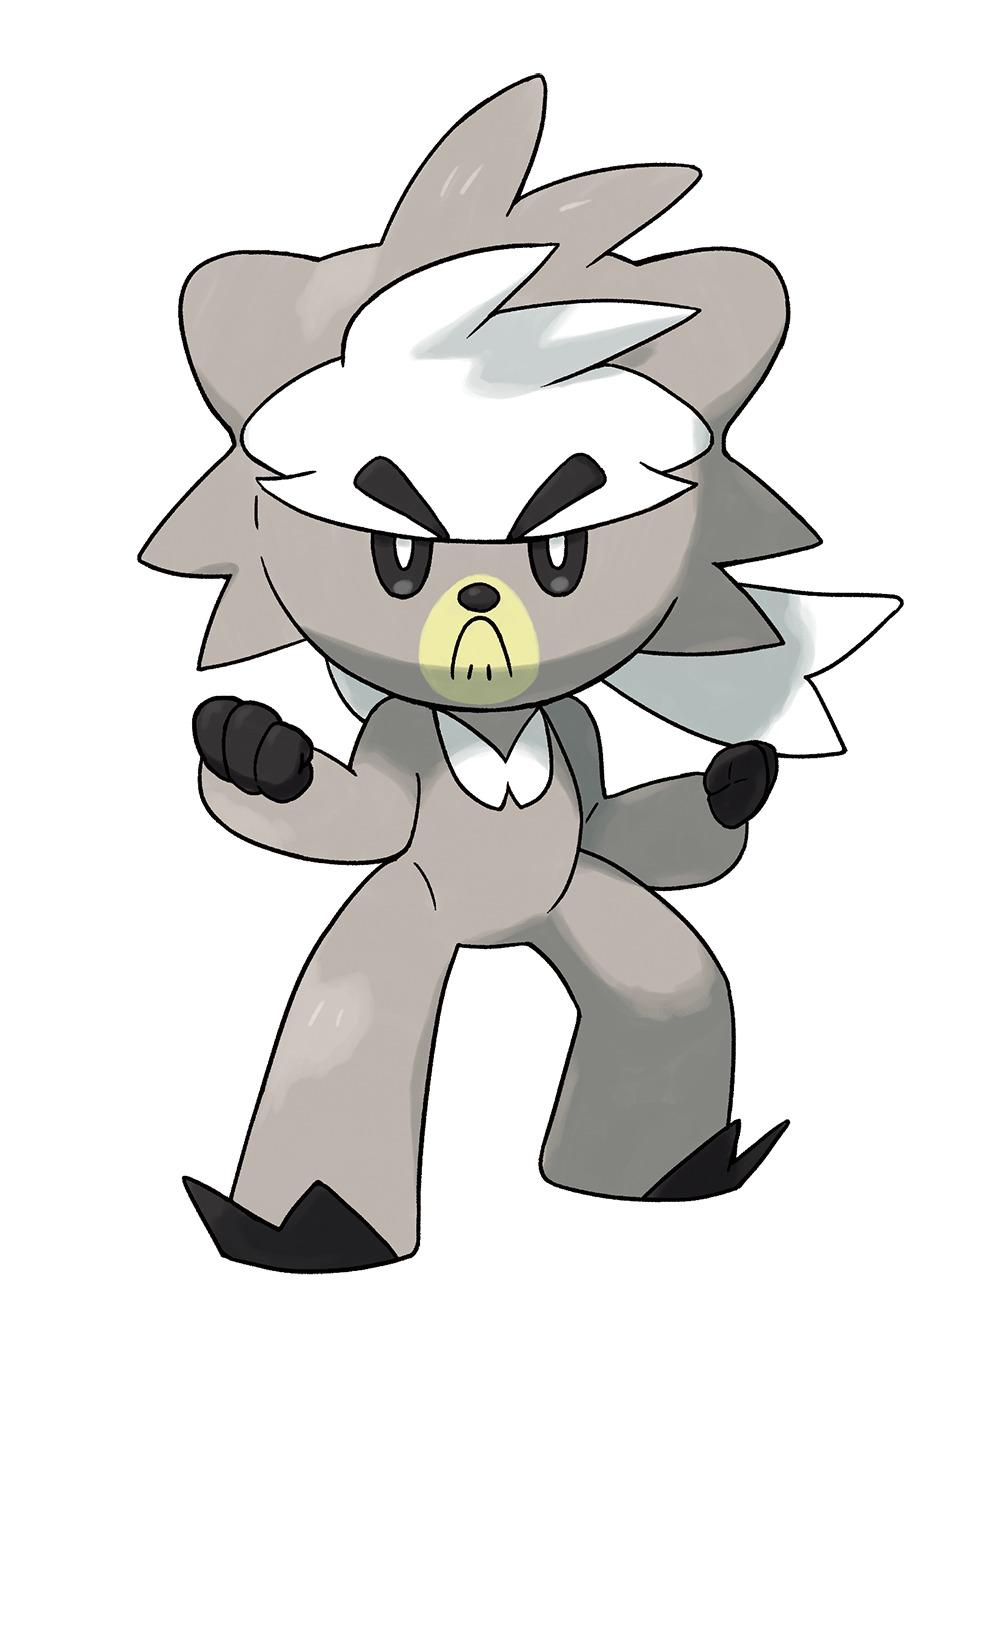 ダクマ (c)2020 Pokémon. (c)1995-2020 Nintendo/Creatures Inc. /GAME FREAK inc.